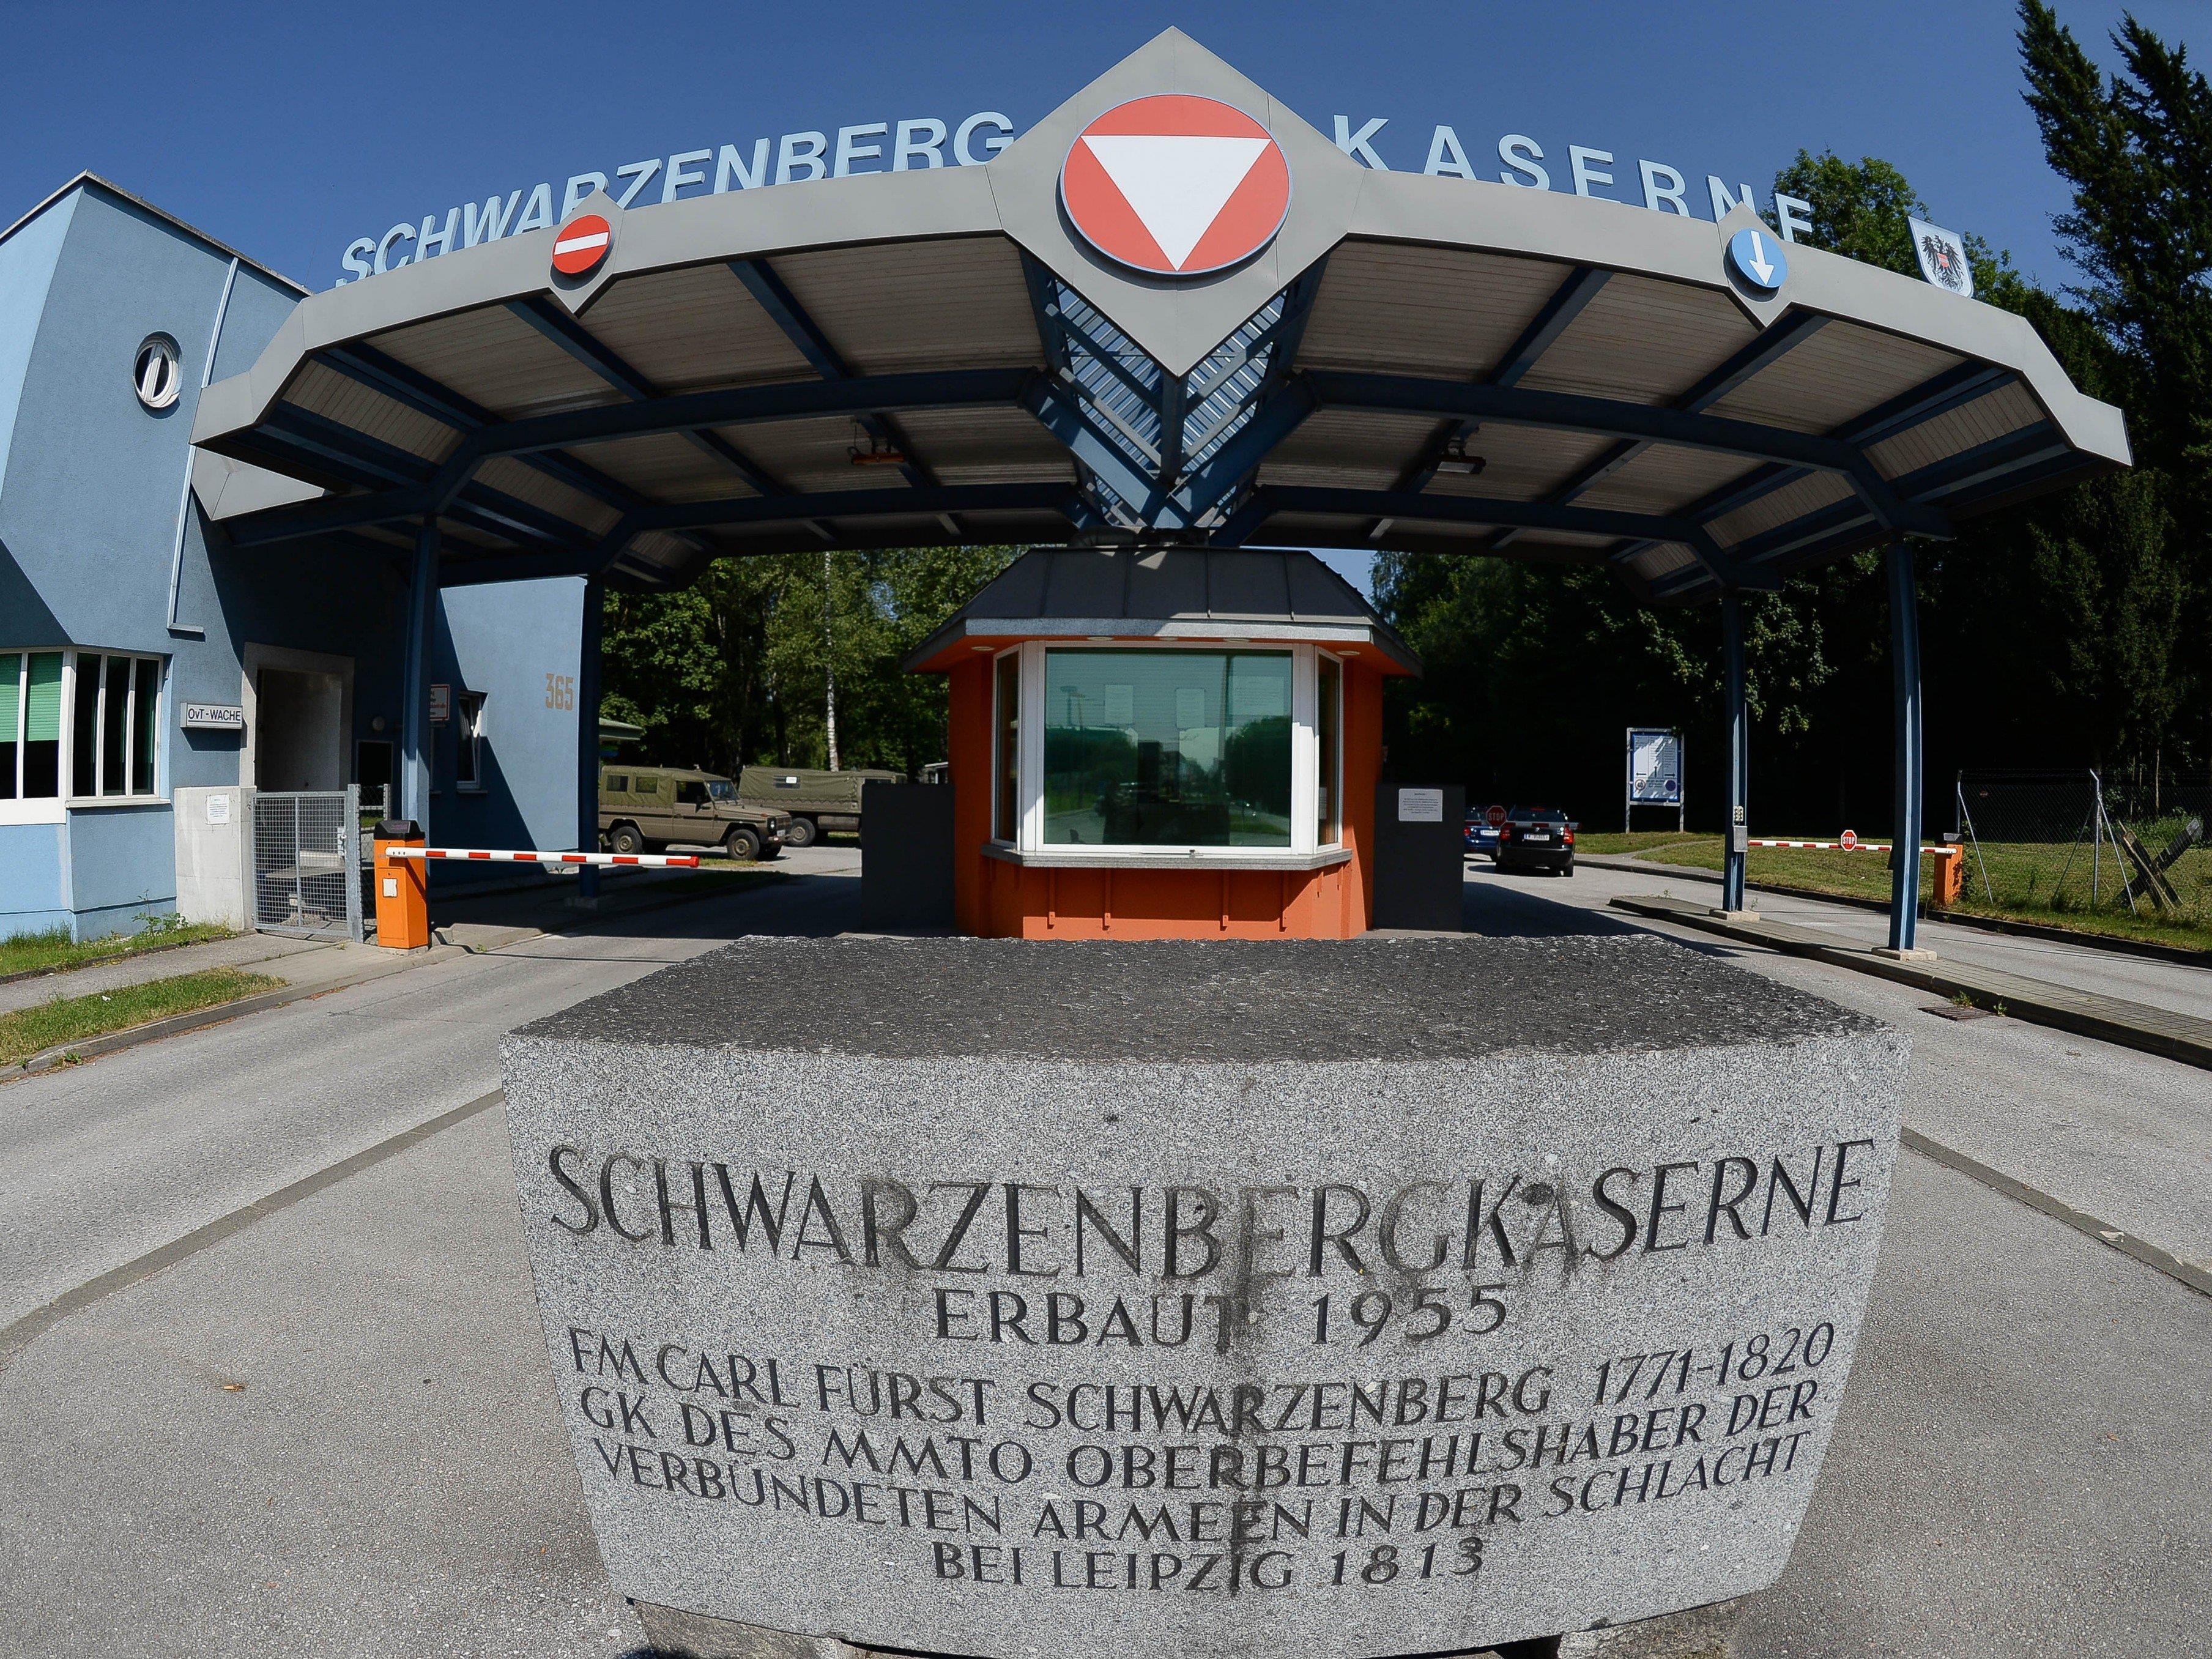 17-Jähriger bedrohte 20-Jährigen in der Schwarzenbergkaserne in Wals-Siezenheim.